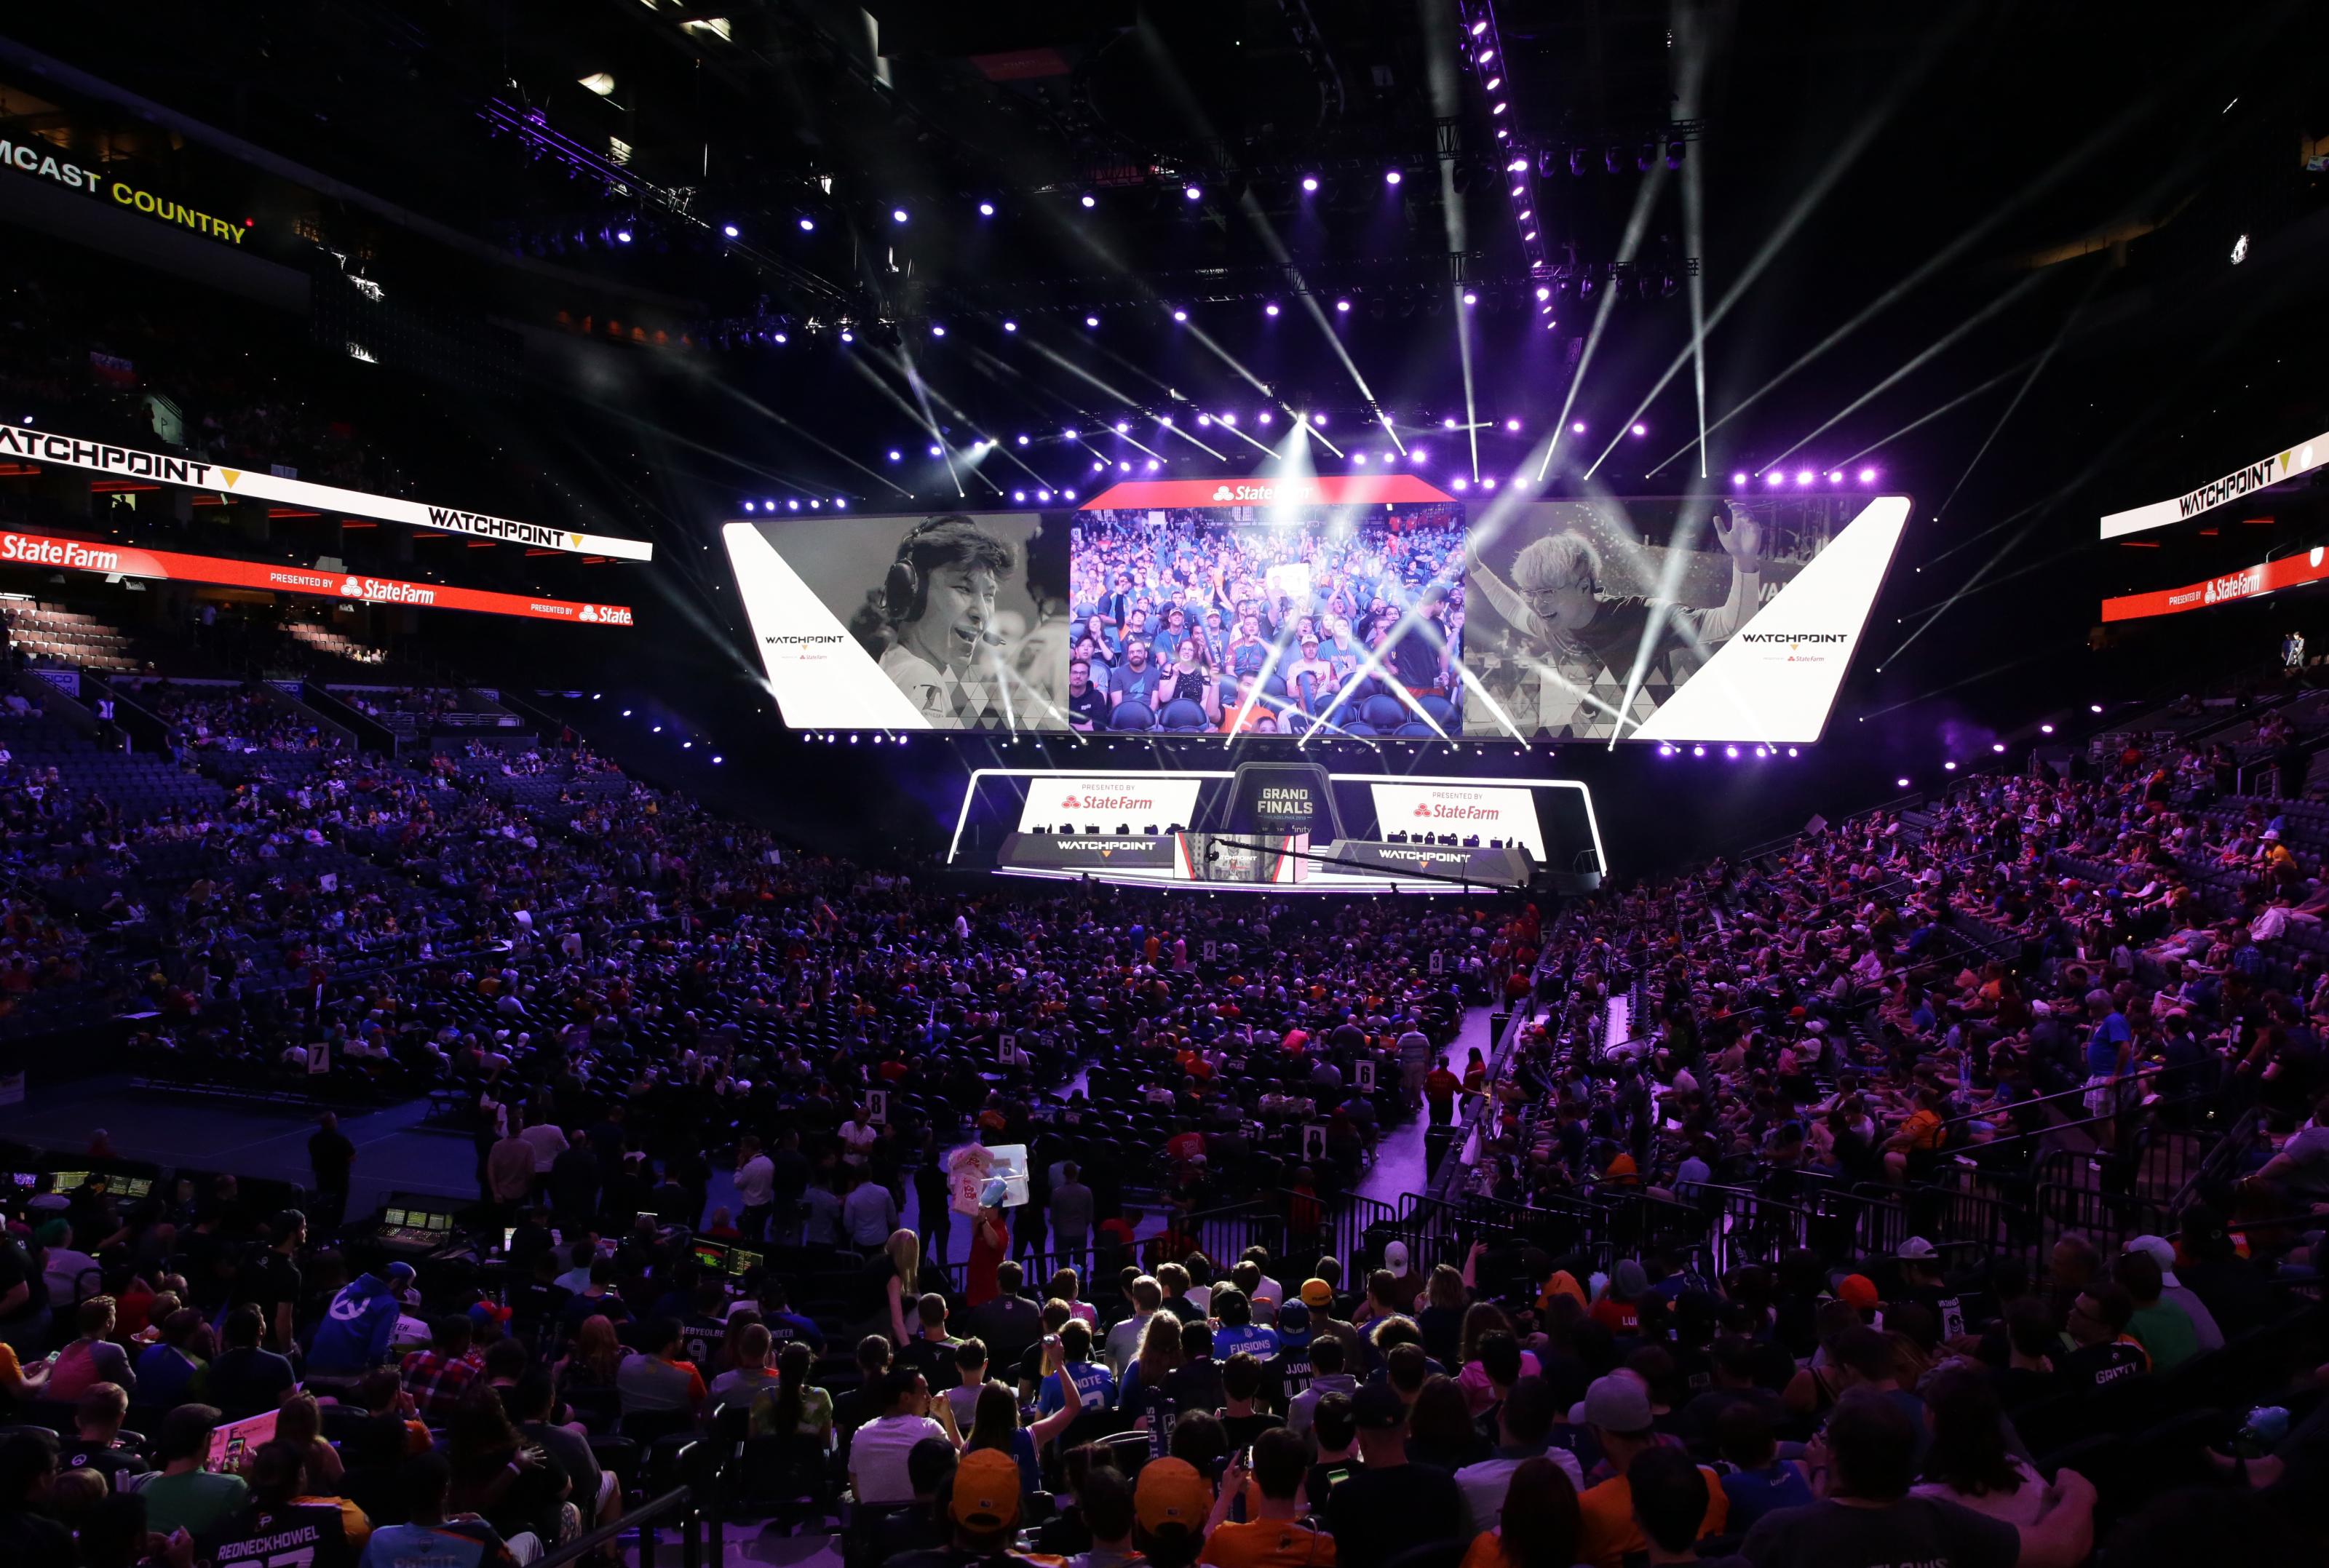 Coronavirus worries are starting to impact the gaming industry